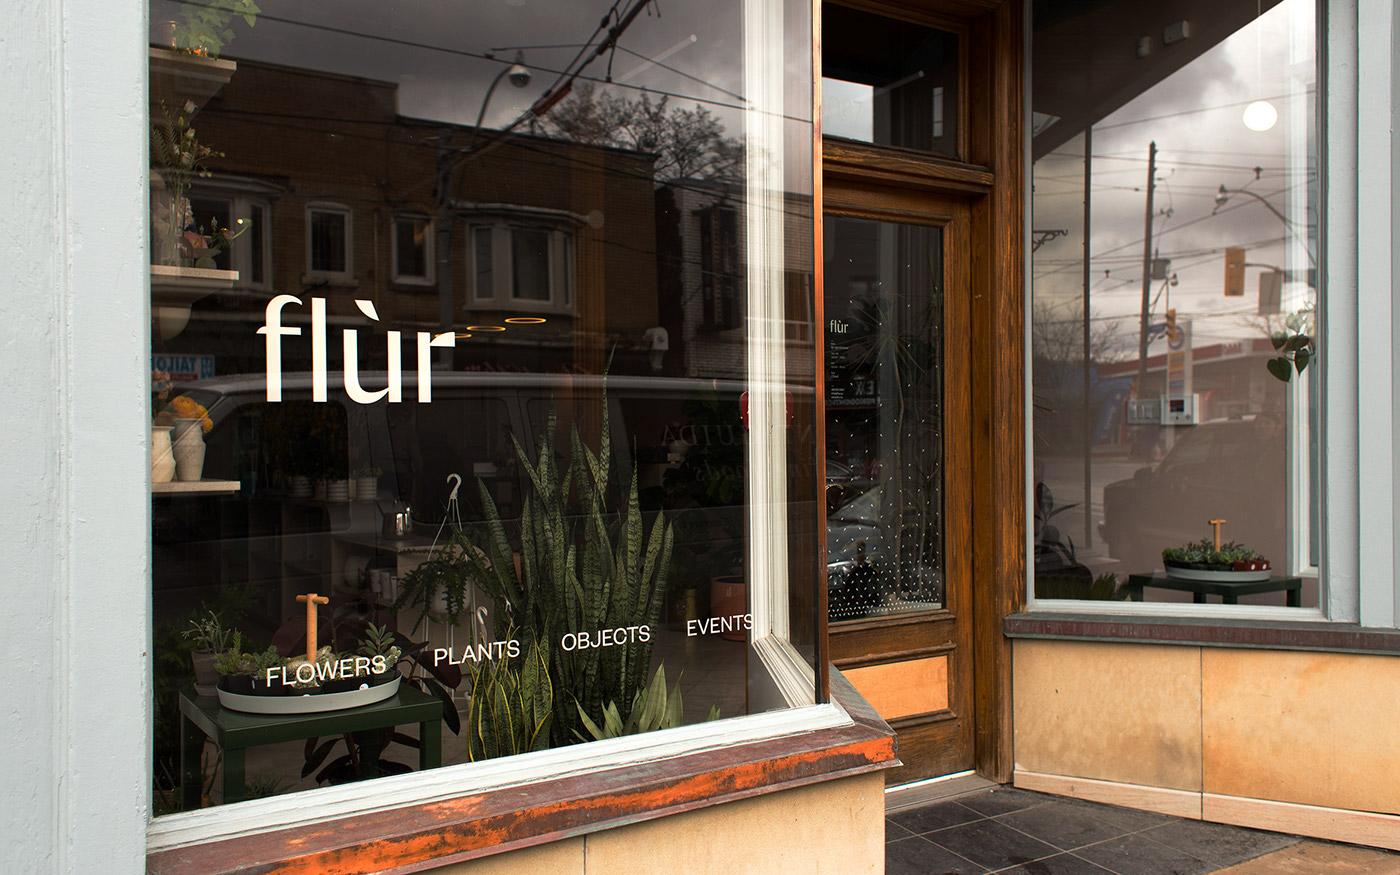 Flower Shop florist Floral design logo Retail identity